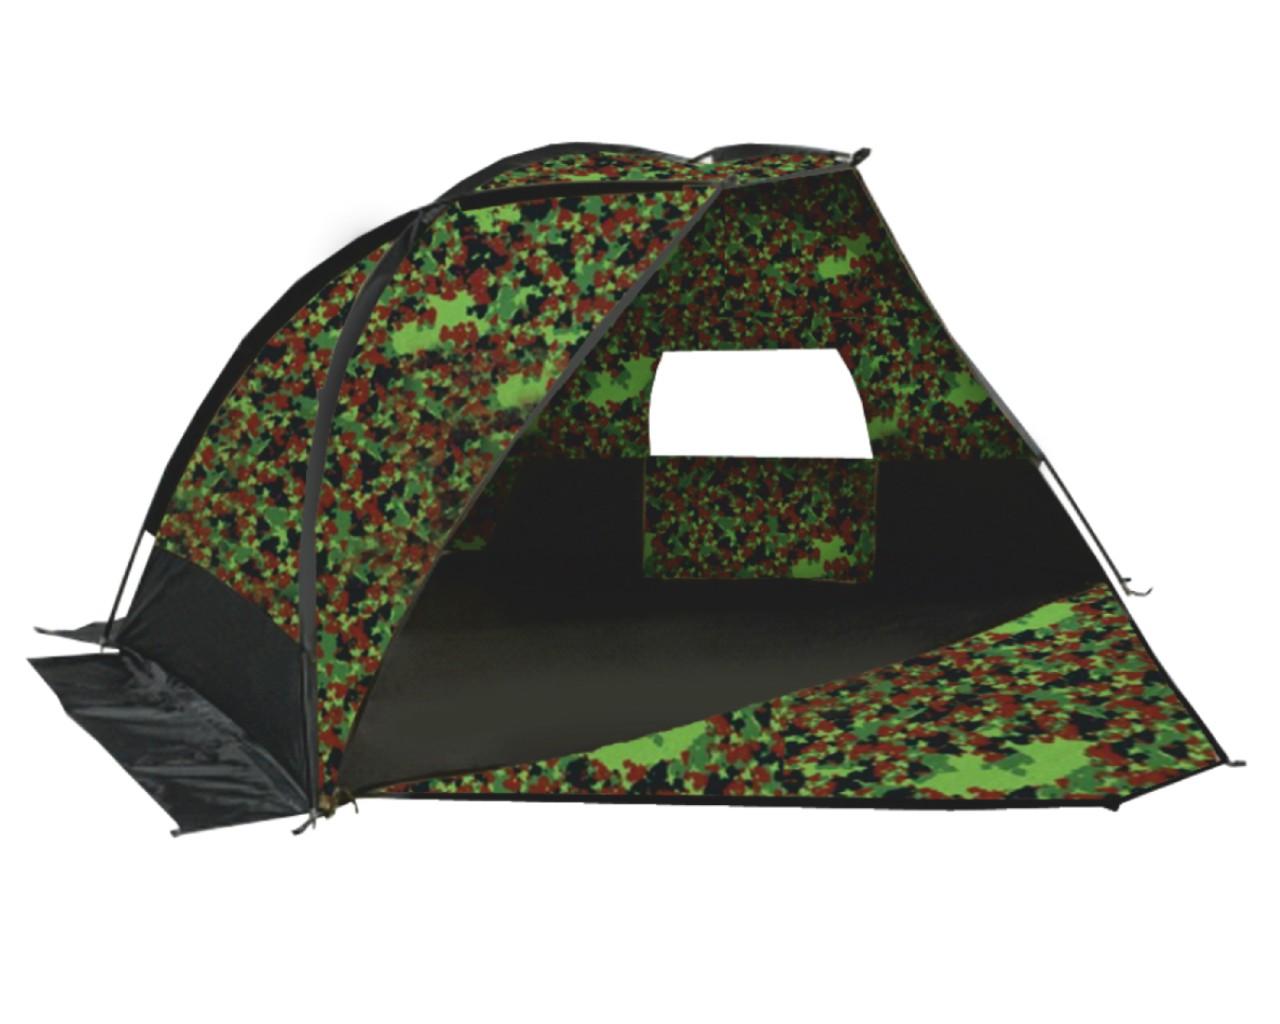 Палатка Talberg Forest Shelter 4Однослойная палатка камуфляжного цвета. Тент: Polyester RipStop 190T/80D 5000  мм. Дно: PE 120 г/м. Юбка: Polyester. Дуги: HQ FiberGlass 8,5 мм. Количество входов: 1. Количество мест: 4. Вес: 3,5 кг. Размеры габаритные: 180 x 220 x 120 см. Сезонность: весна-лето-осень<br><br>Вес кг: 3.50000000